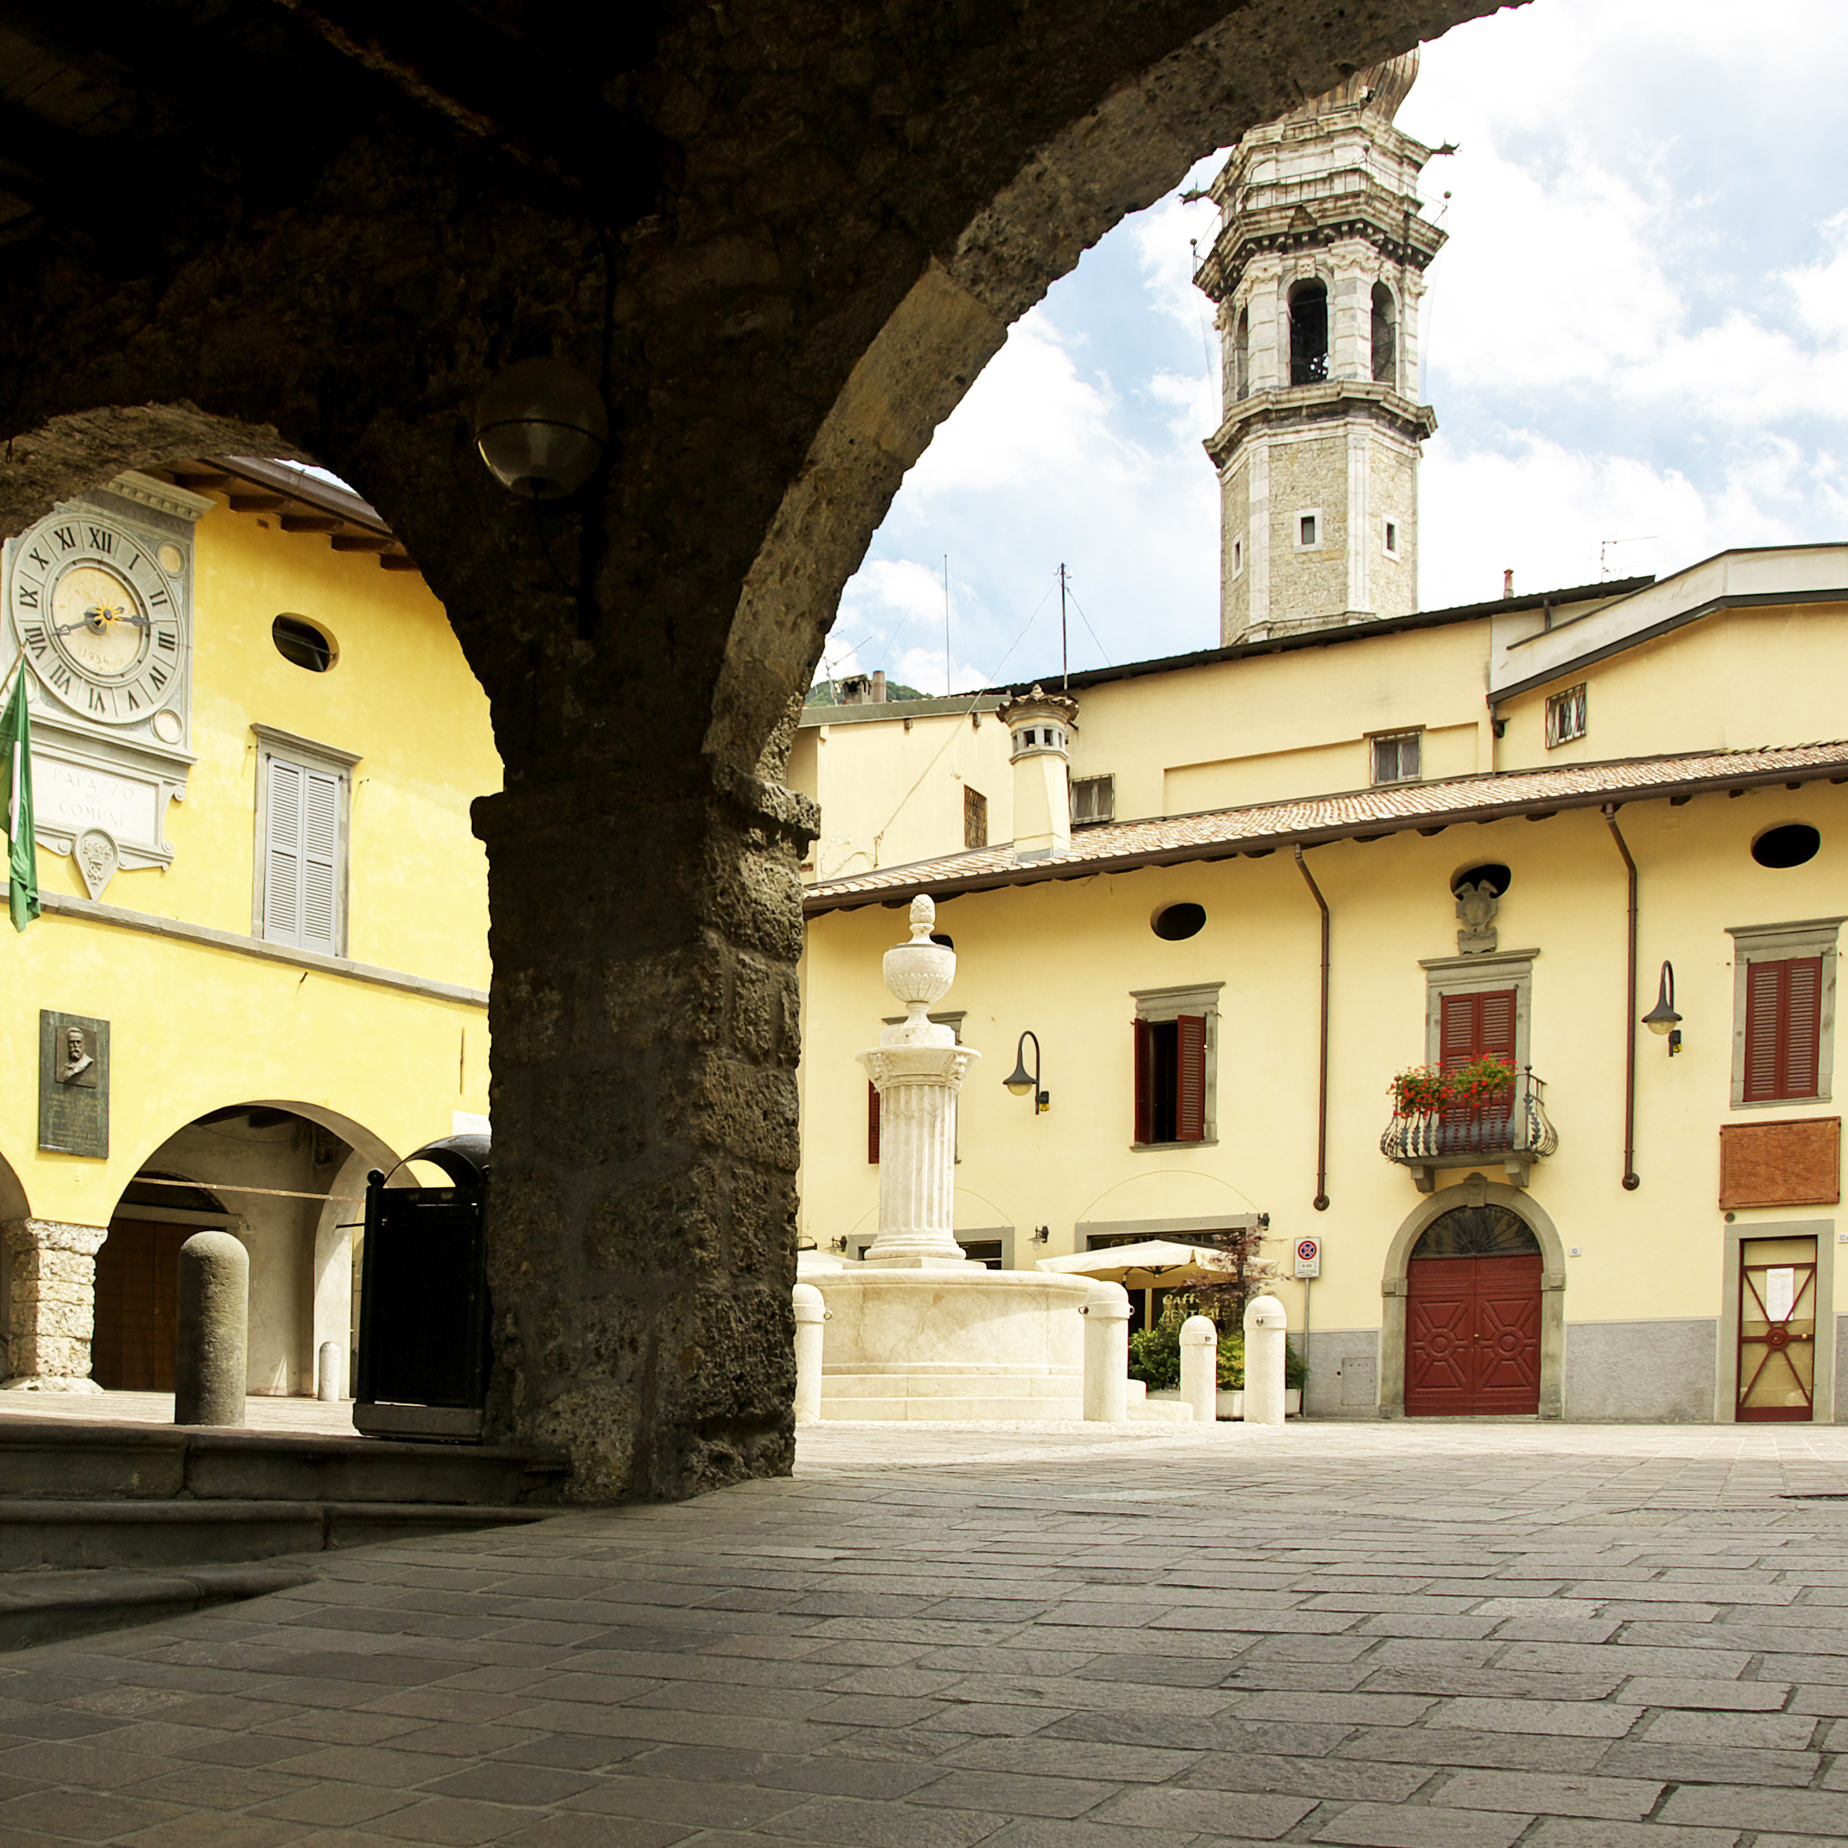 2017 08 27 Gandino Piazza Porticato